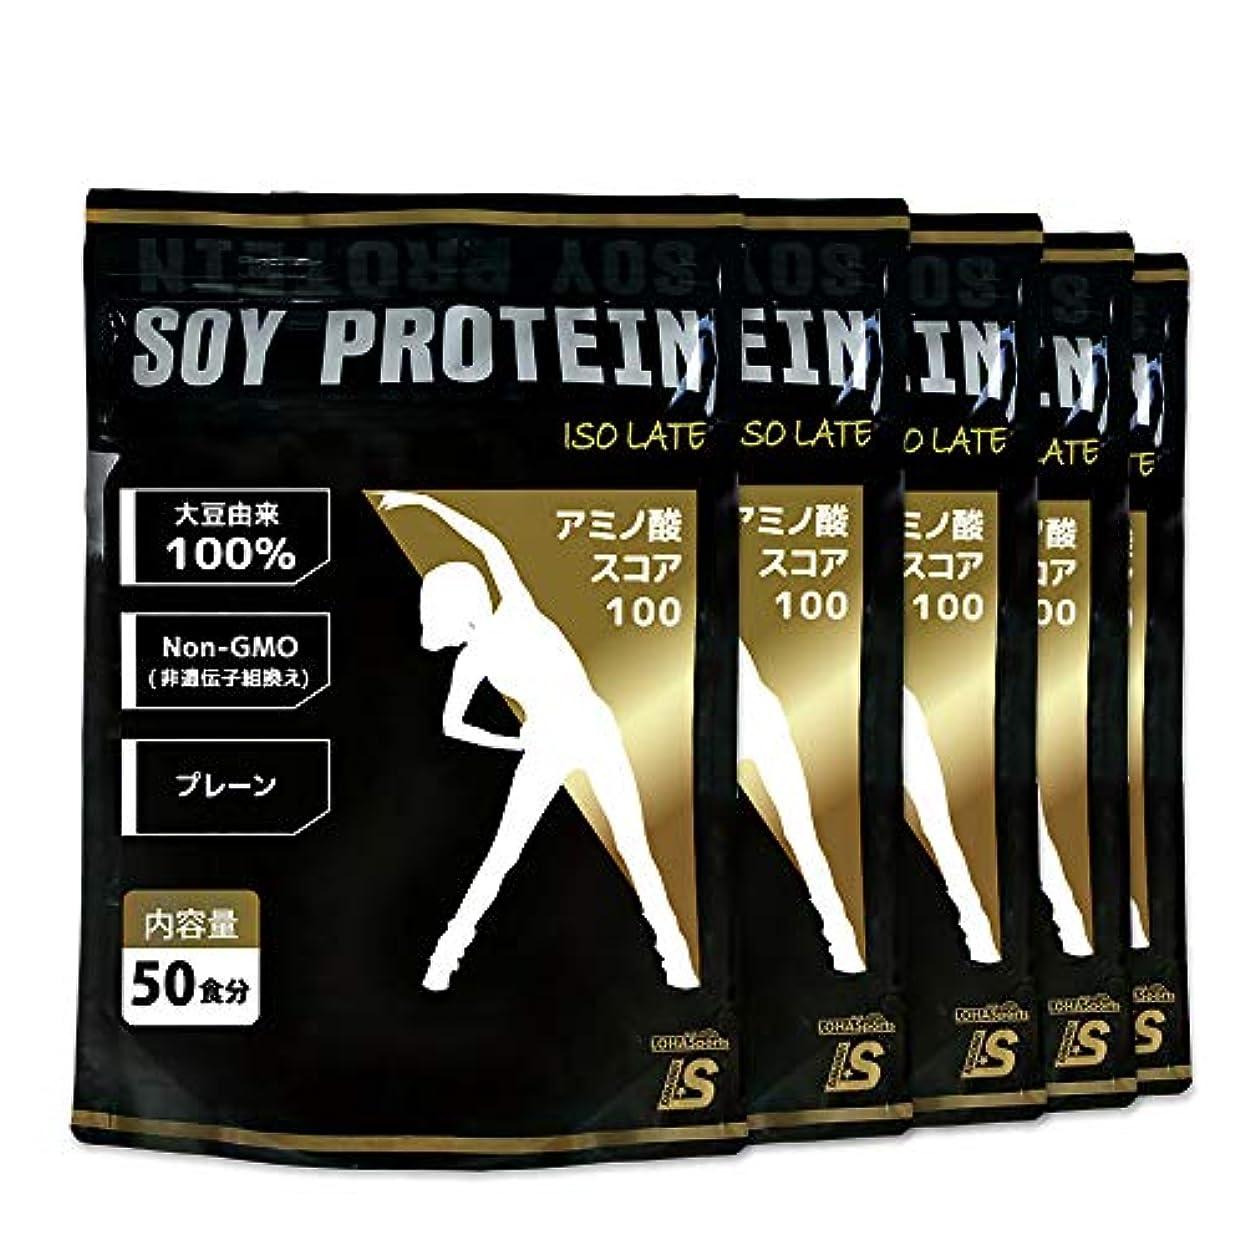 ポンドファッション男LOHAStyle ソイプロテイン 大豆プロテイン 無添加 ((5kg(1kg×5袋)) 約250食分) アミノ酸スコア100 [非遺伝子組み換え]